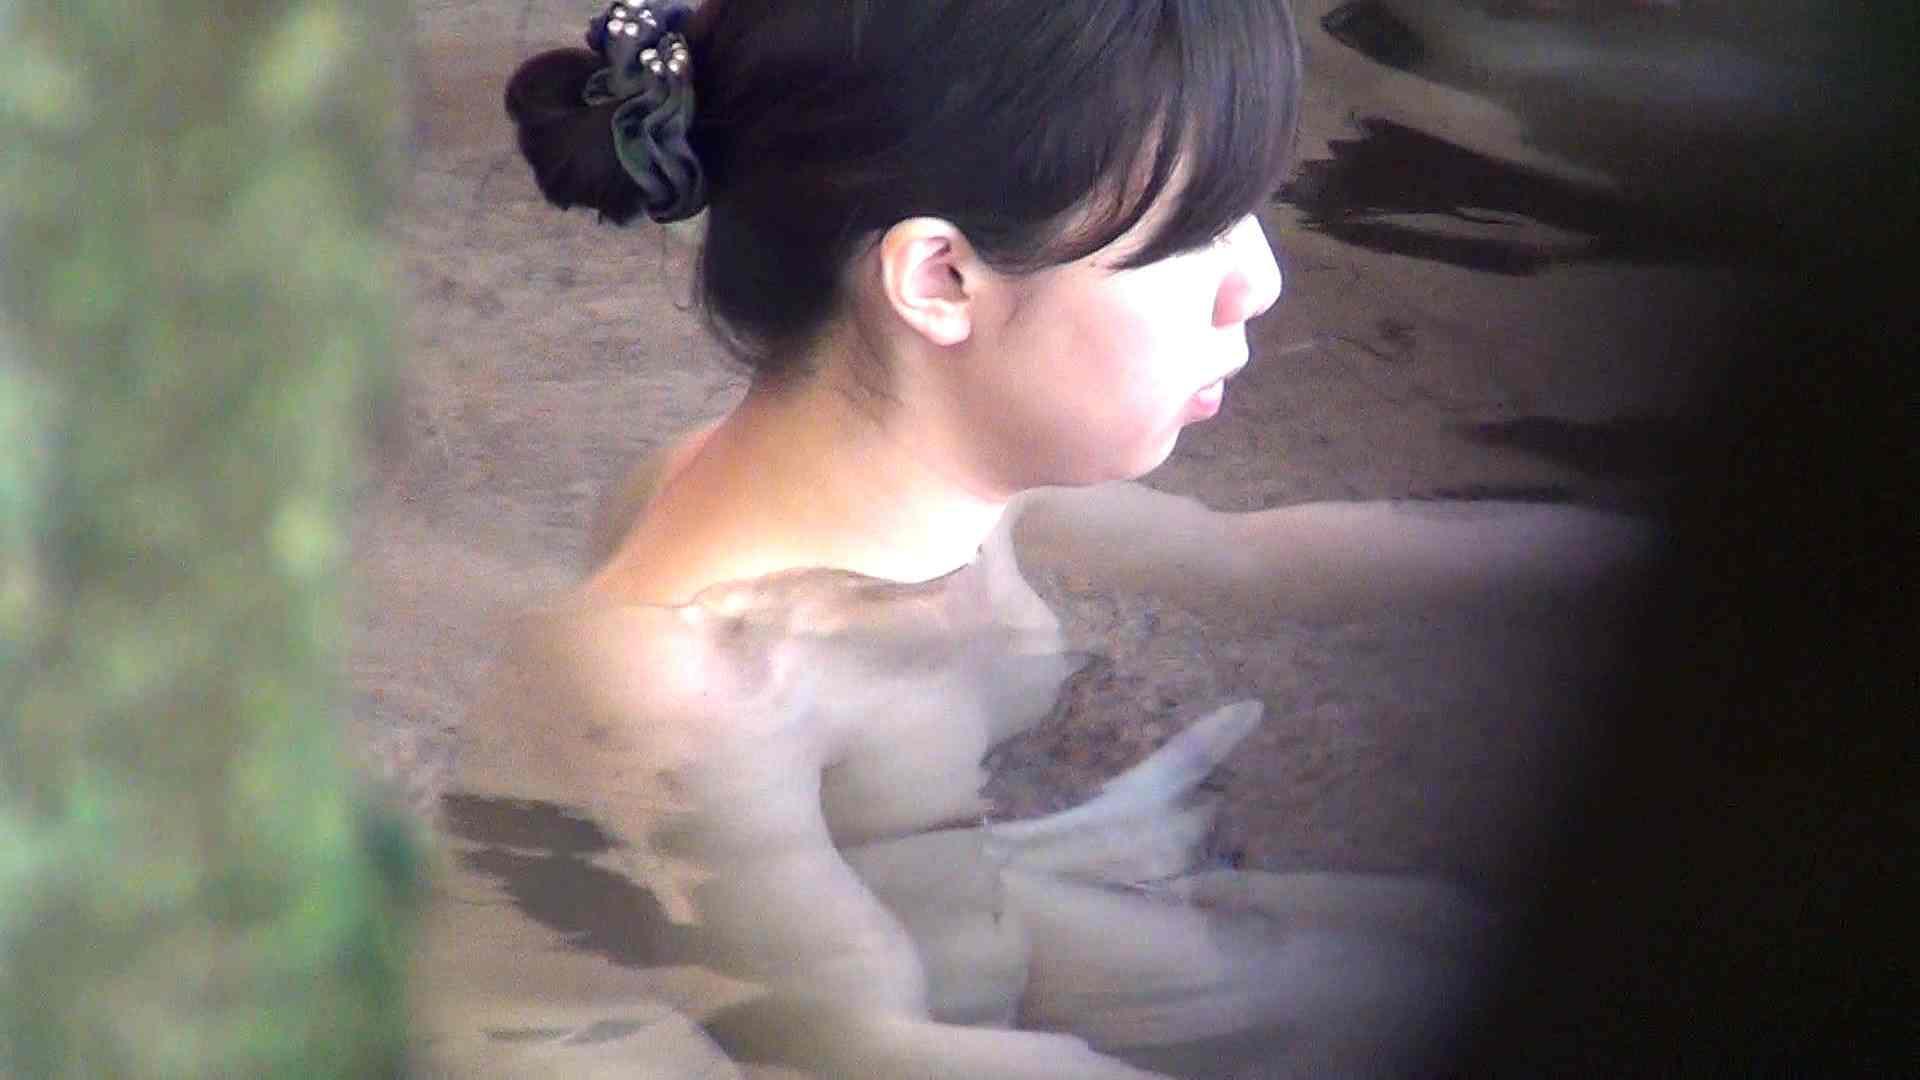 Aquaな露天風呂Vol.285 OLすけべ画像 SEX無修正画像 97連発 53